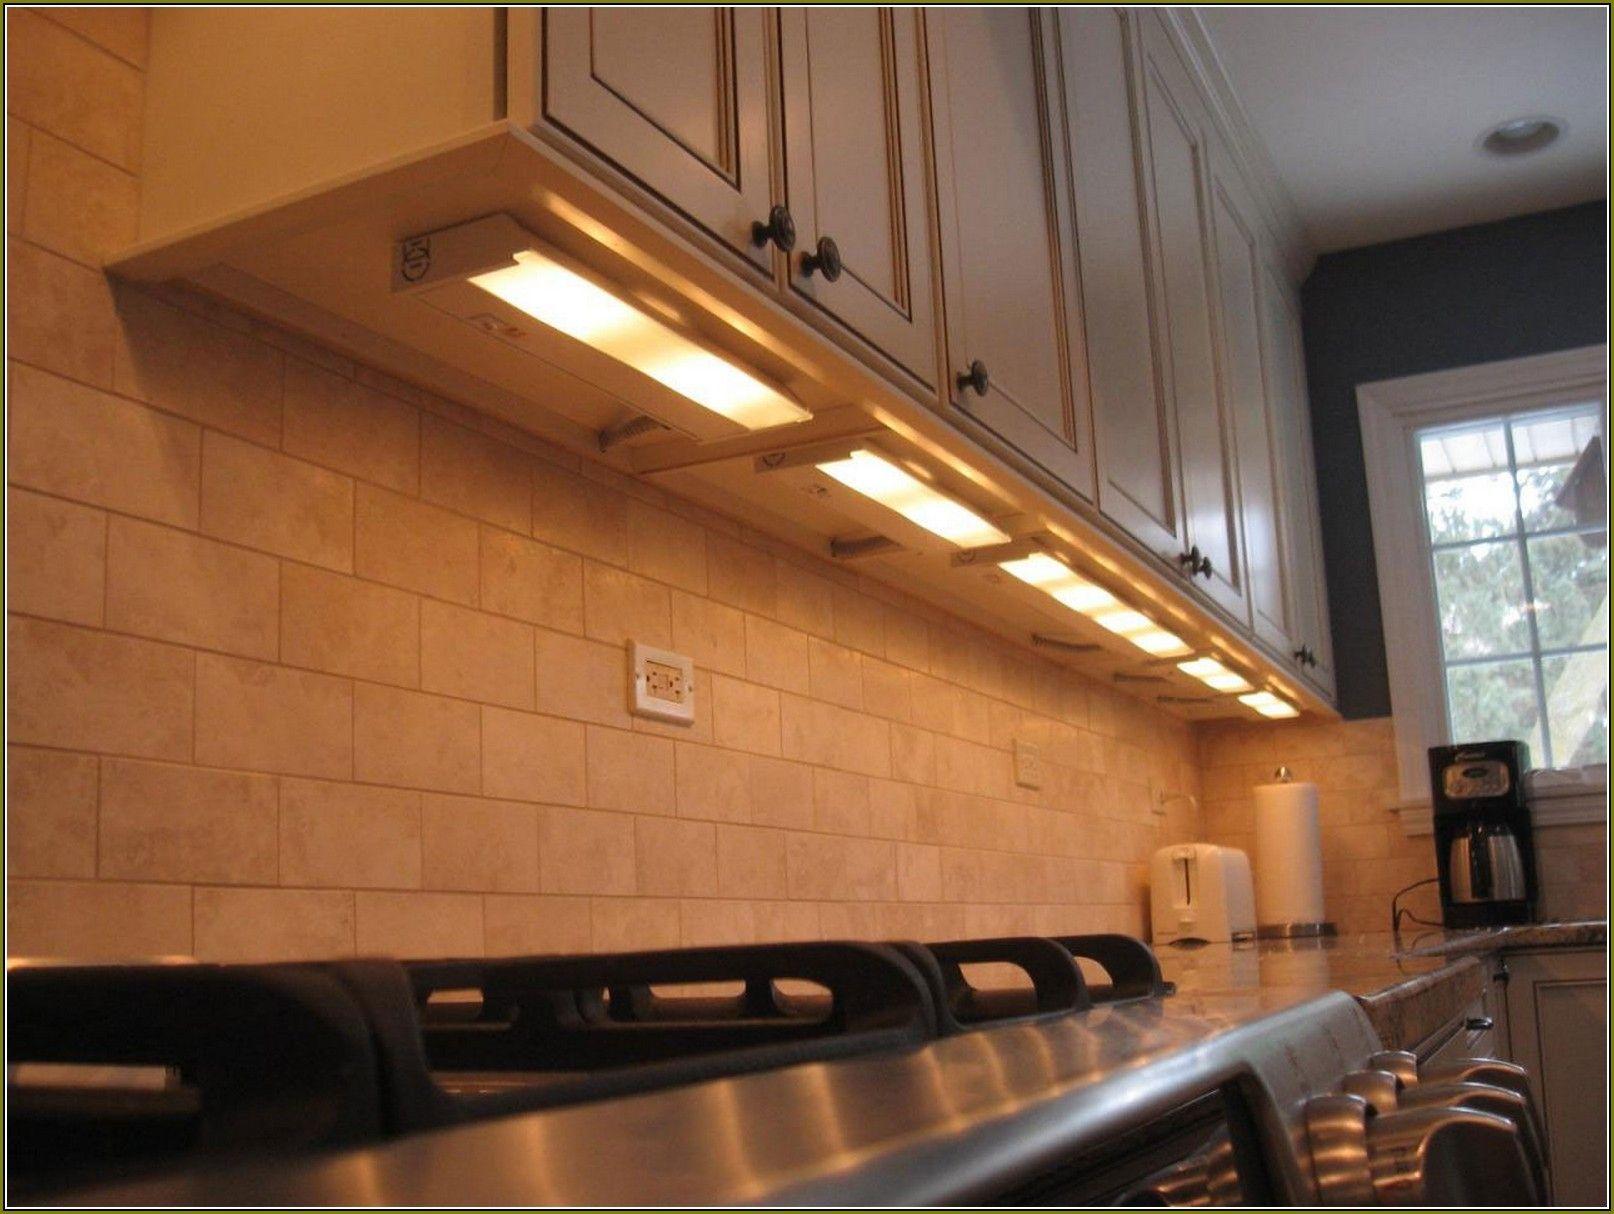 Juno Led Lighting Under Cabinet Regarding Comfy